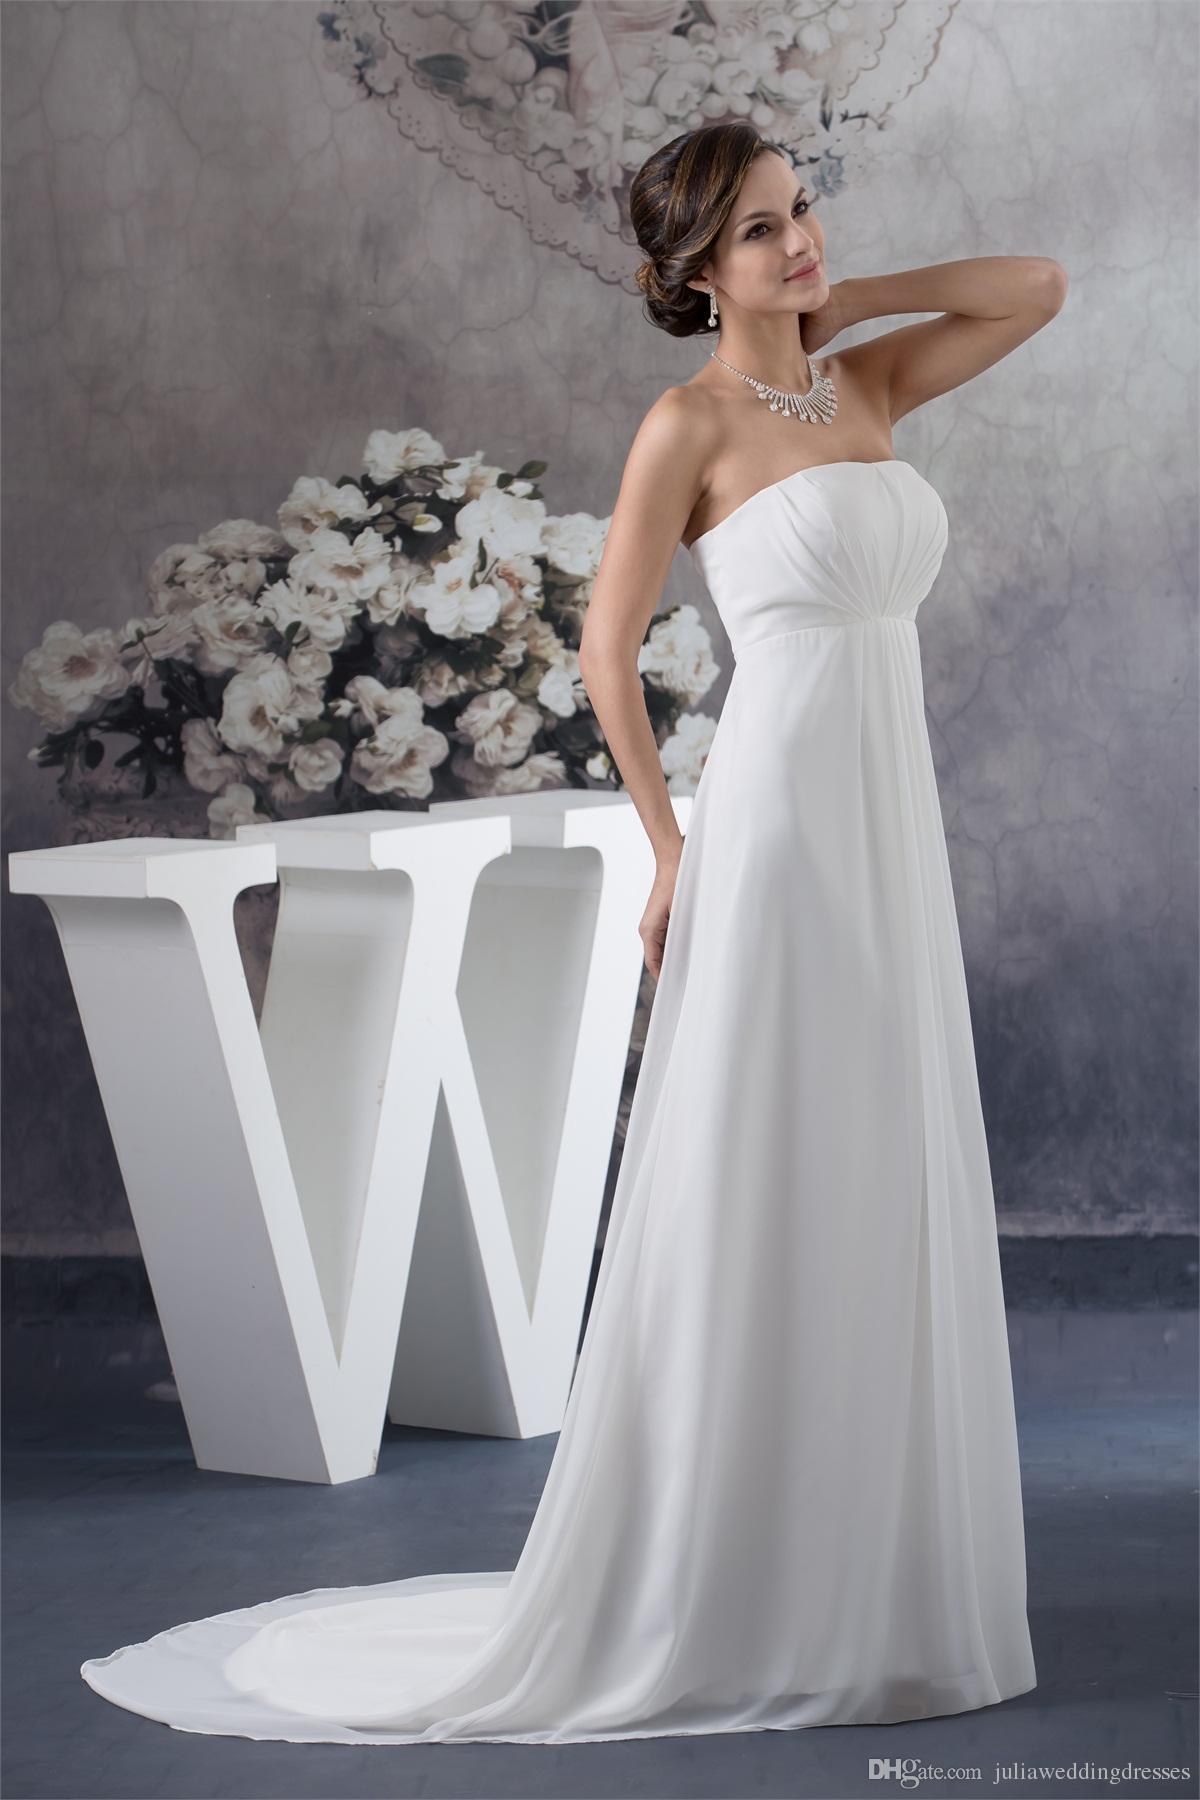 2017 новые элегантные без бретелек шифон свадебные платья трапеция аппликации бисером плюс размер свадьба свадебные платья BM46